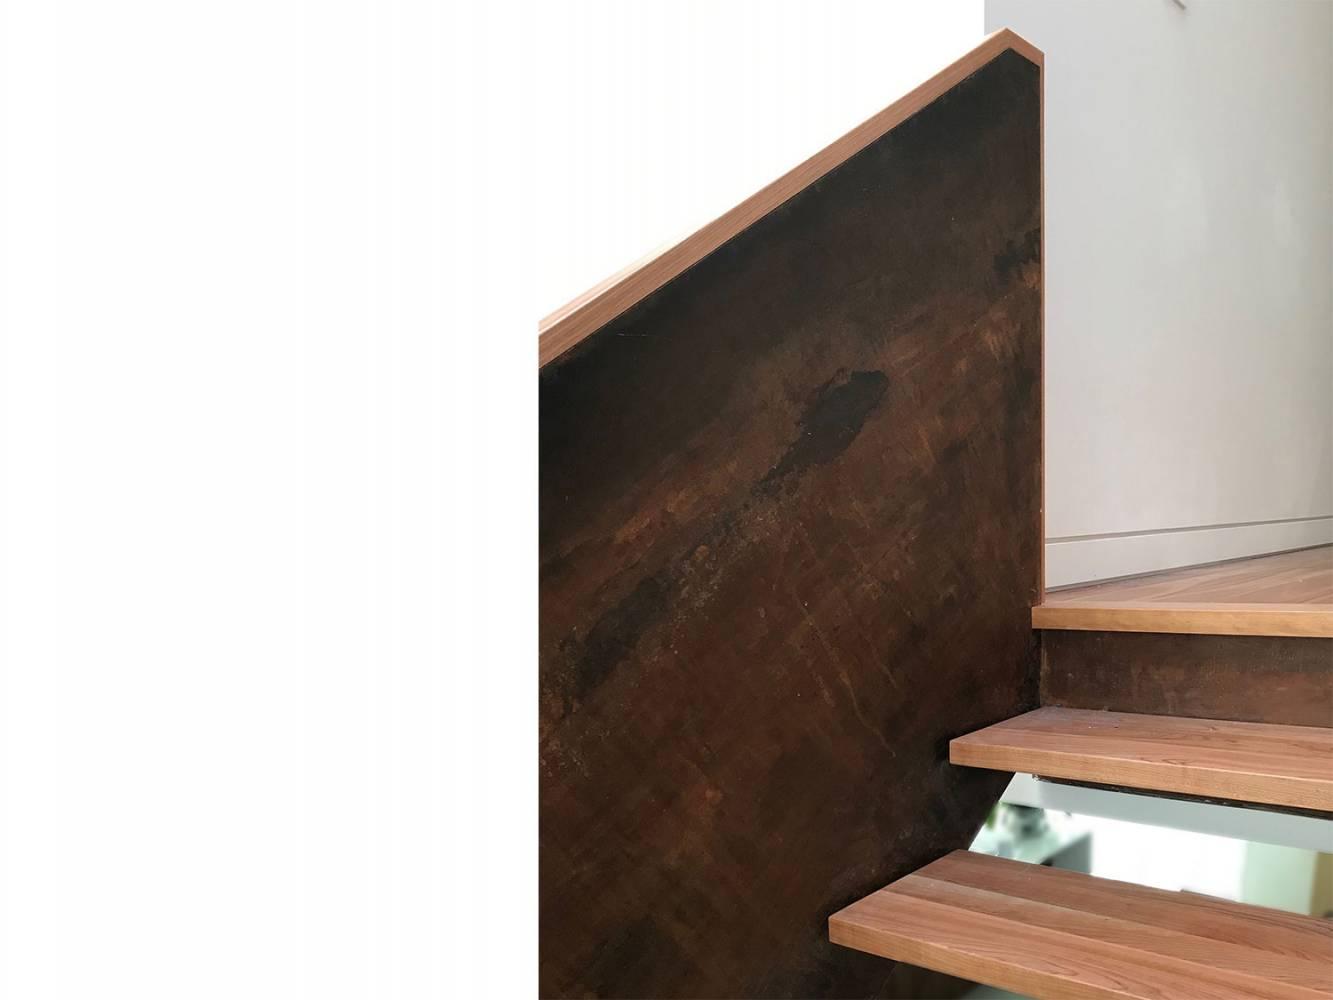 03 detail escalier 2